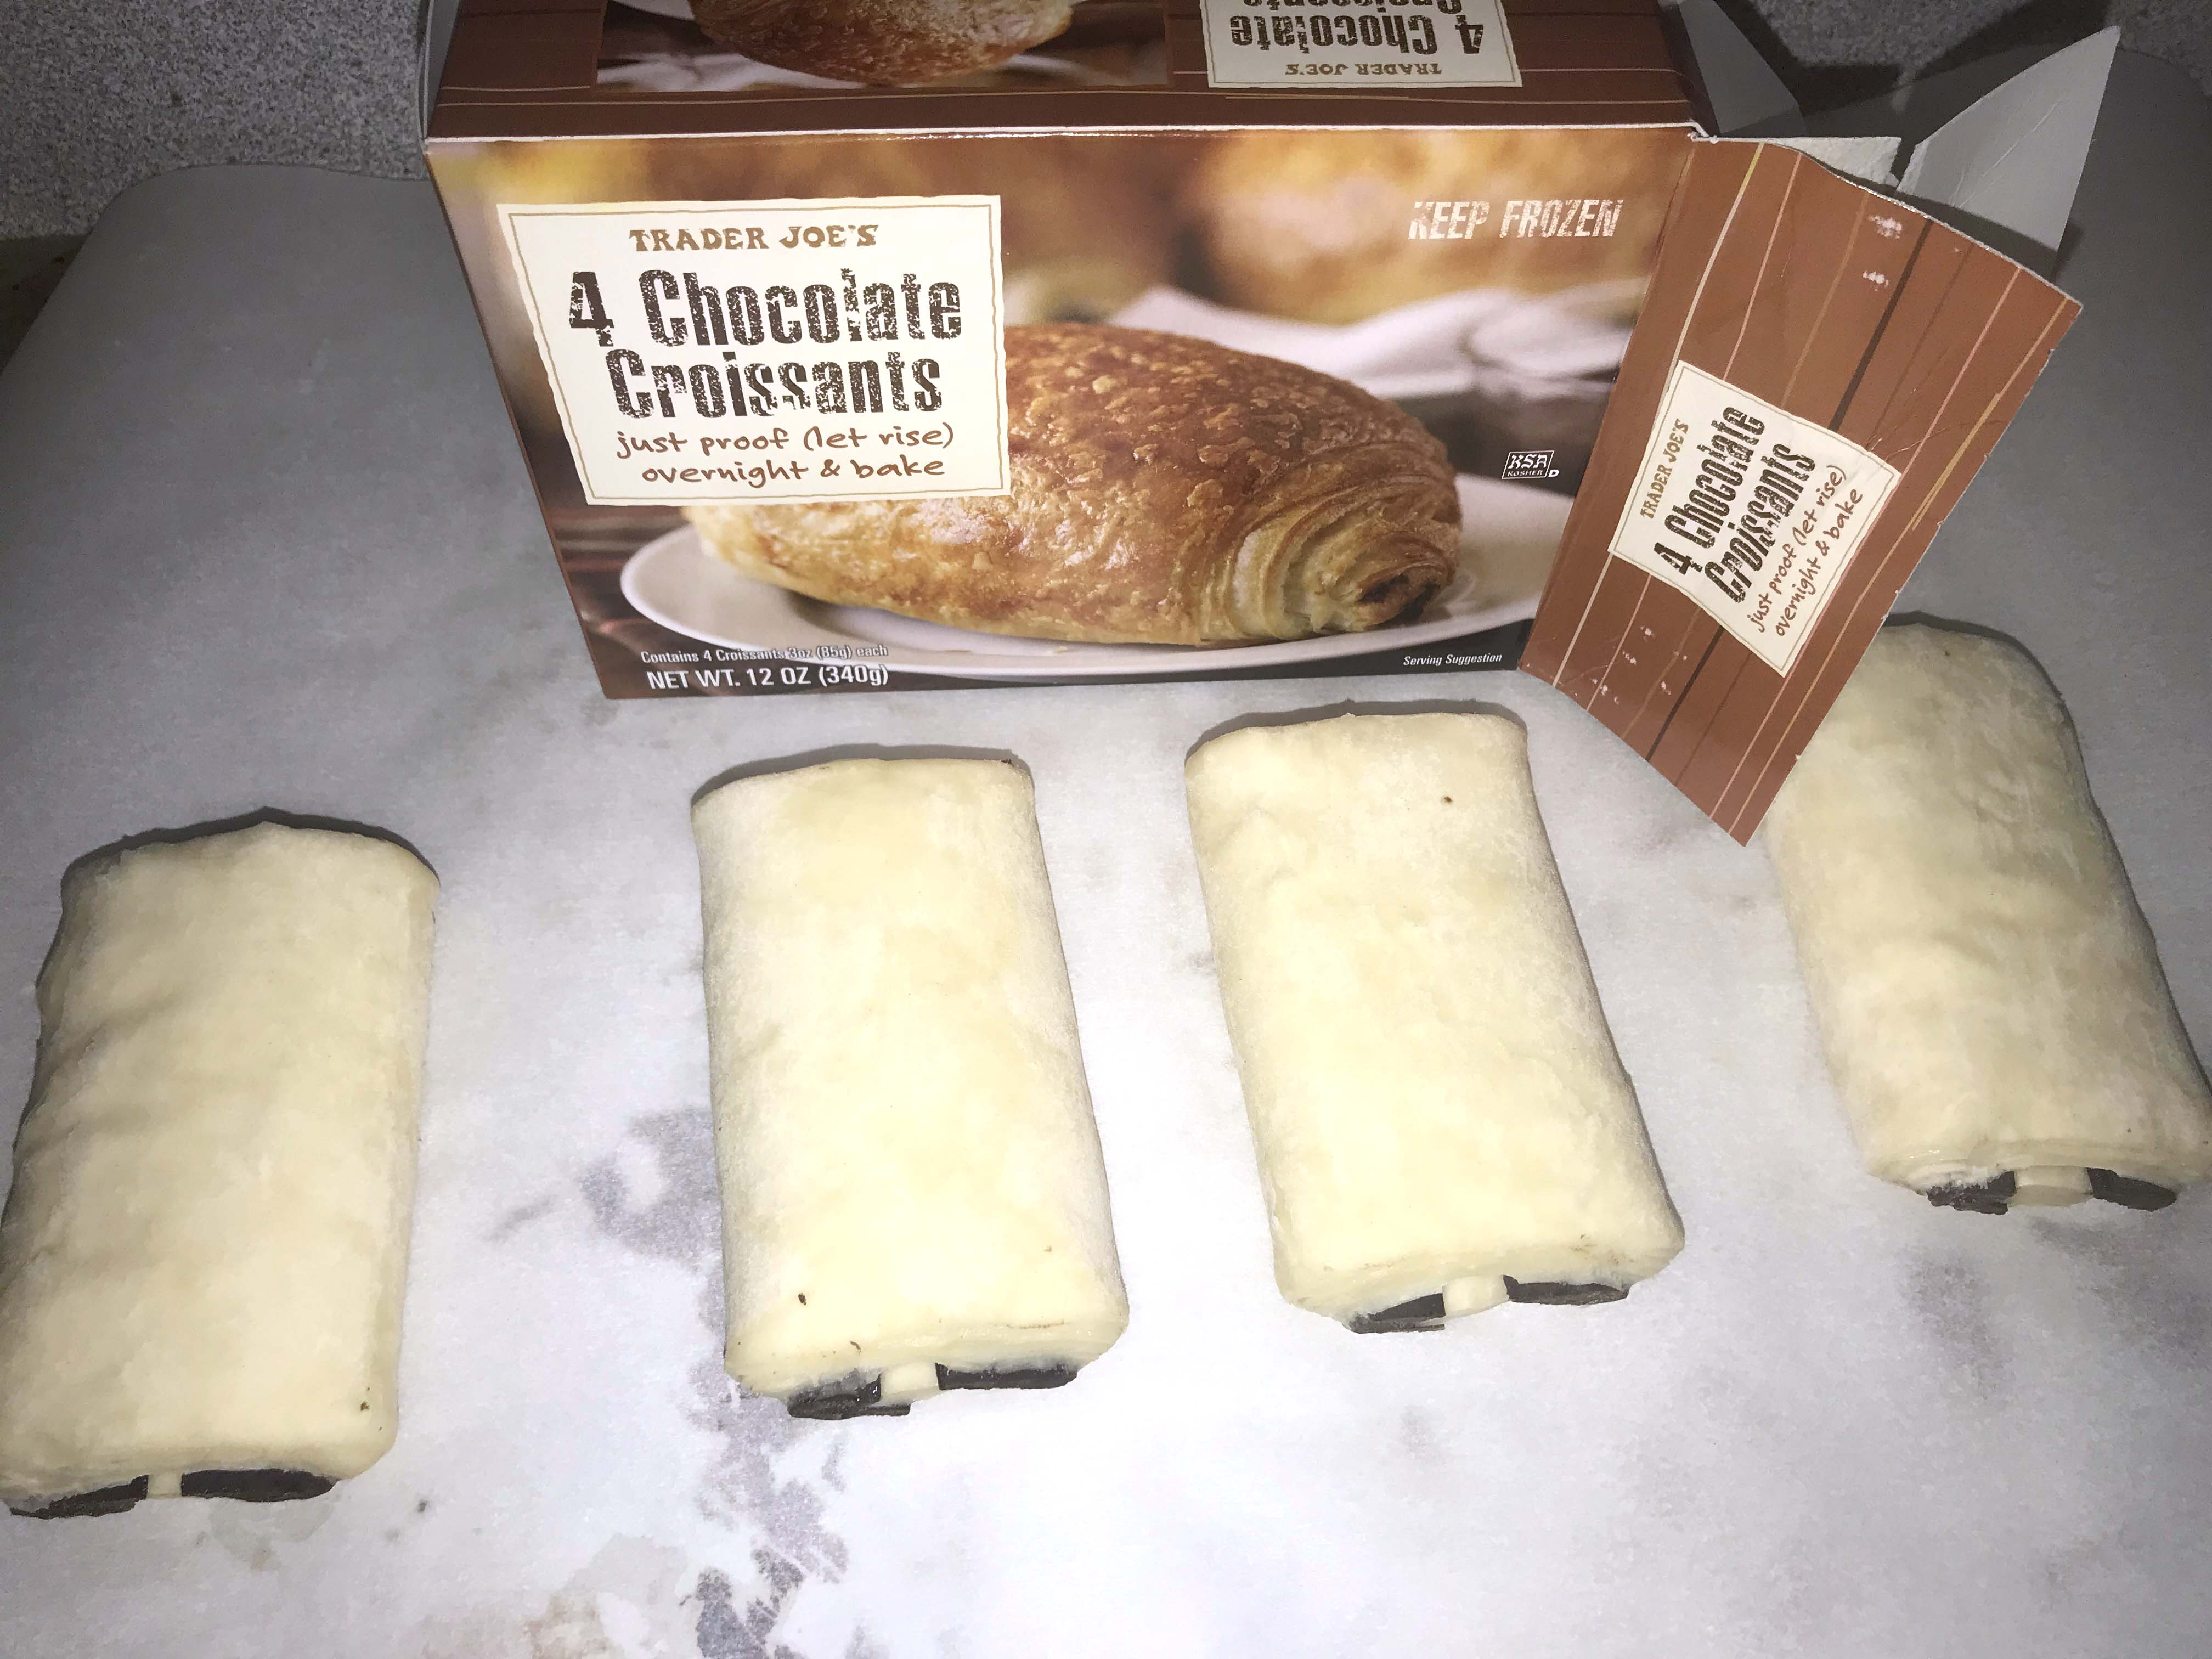 Trader Joe S Bake At Home Chocolate Croissants